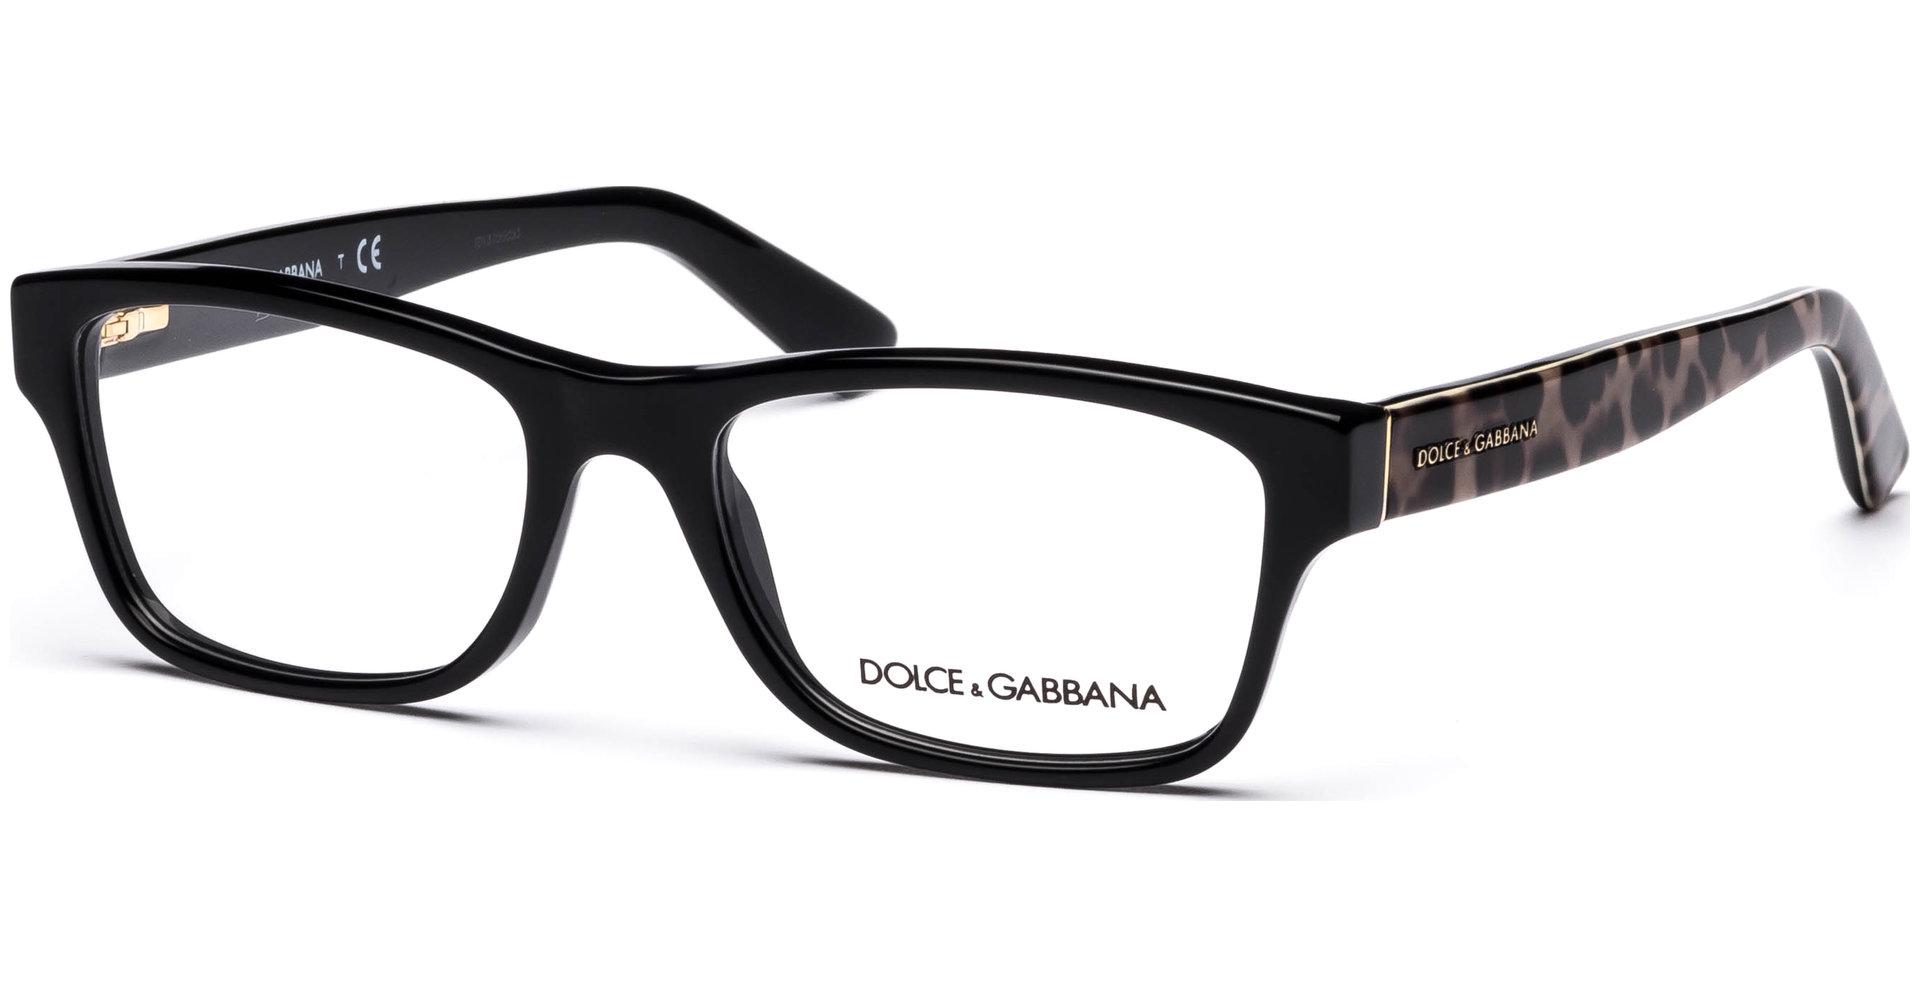 dolce gabbana dg3208 2525 5217 black von lensbest. Black Bedroom Furniture Sets. Home Design Ideas